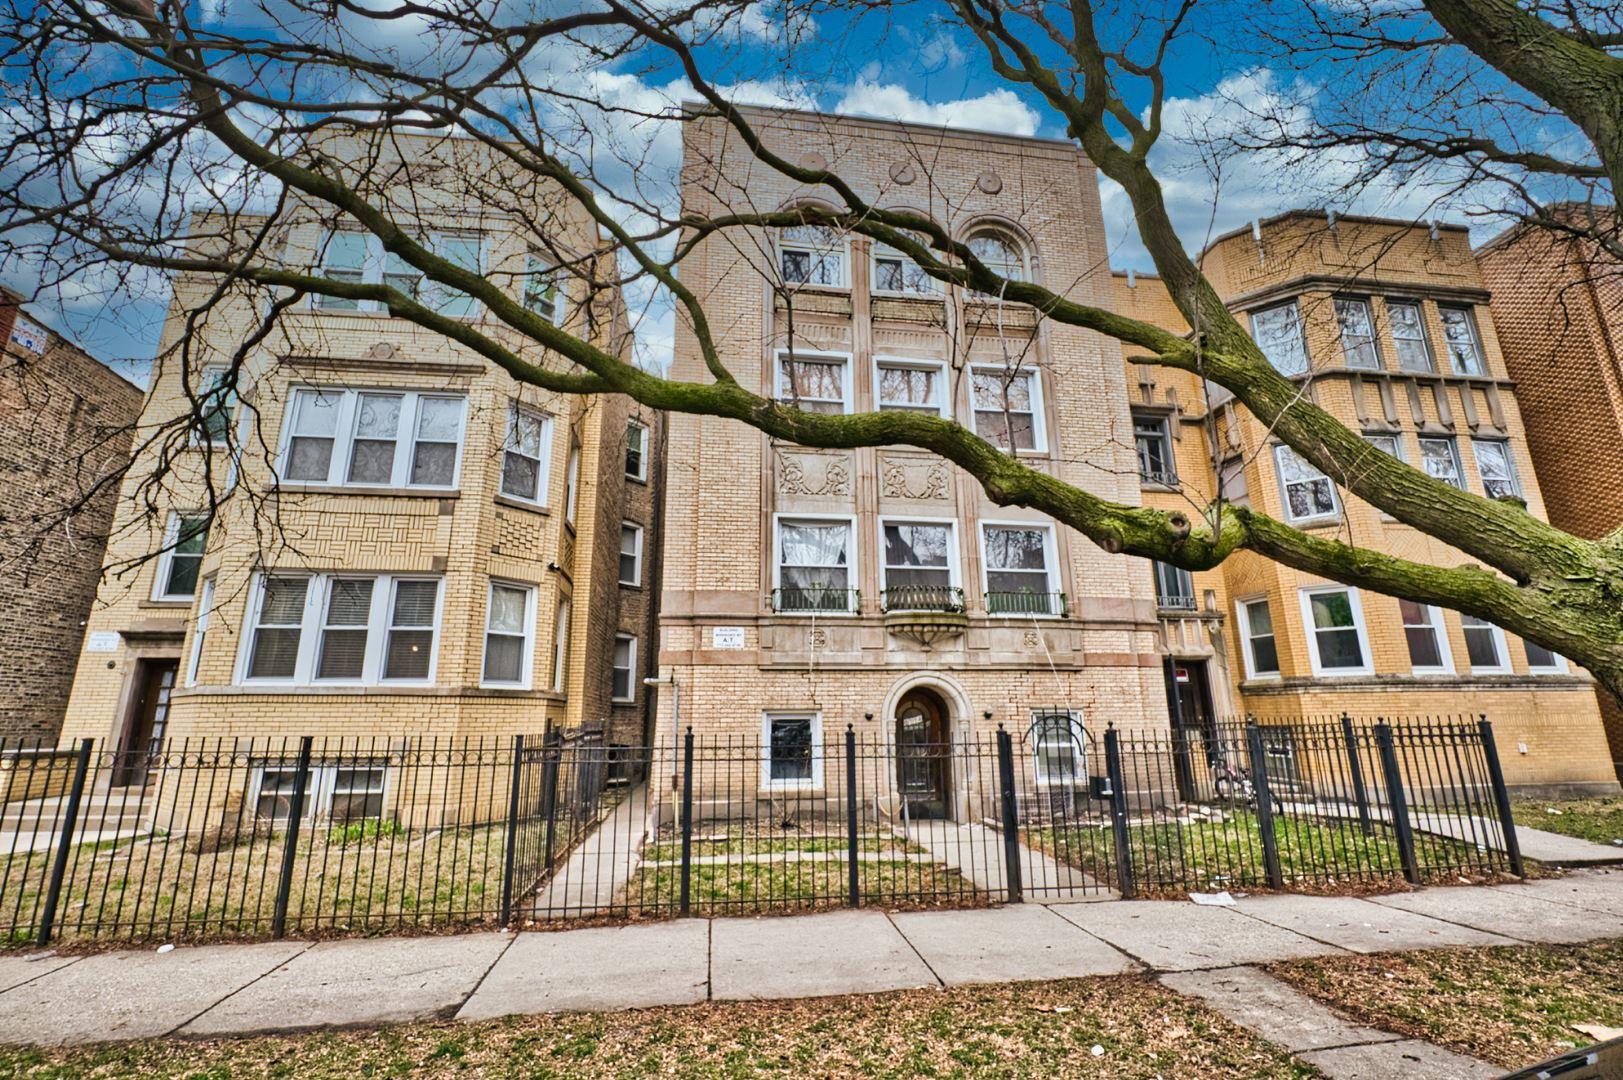 6114 N Washtenaw Avenue, Chicago, IL 60659 - #: 11227993